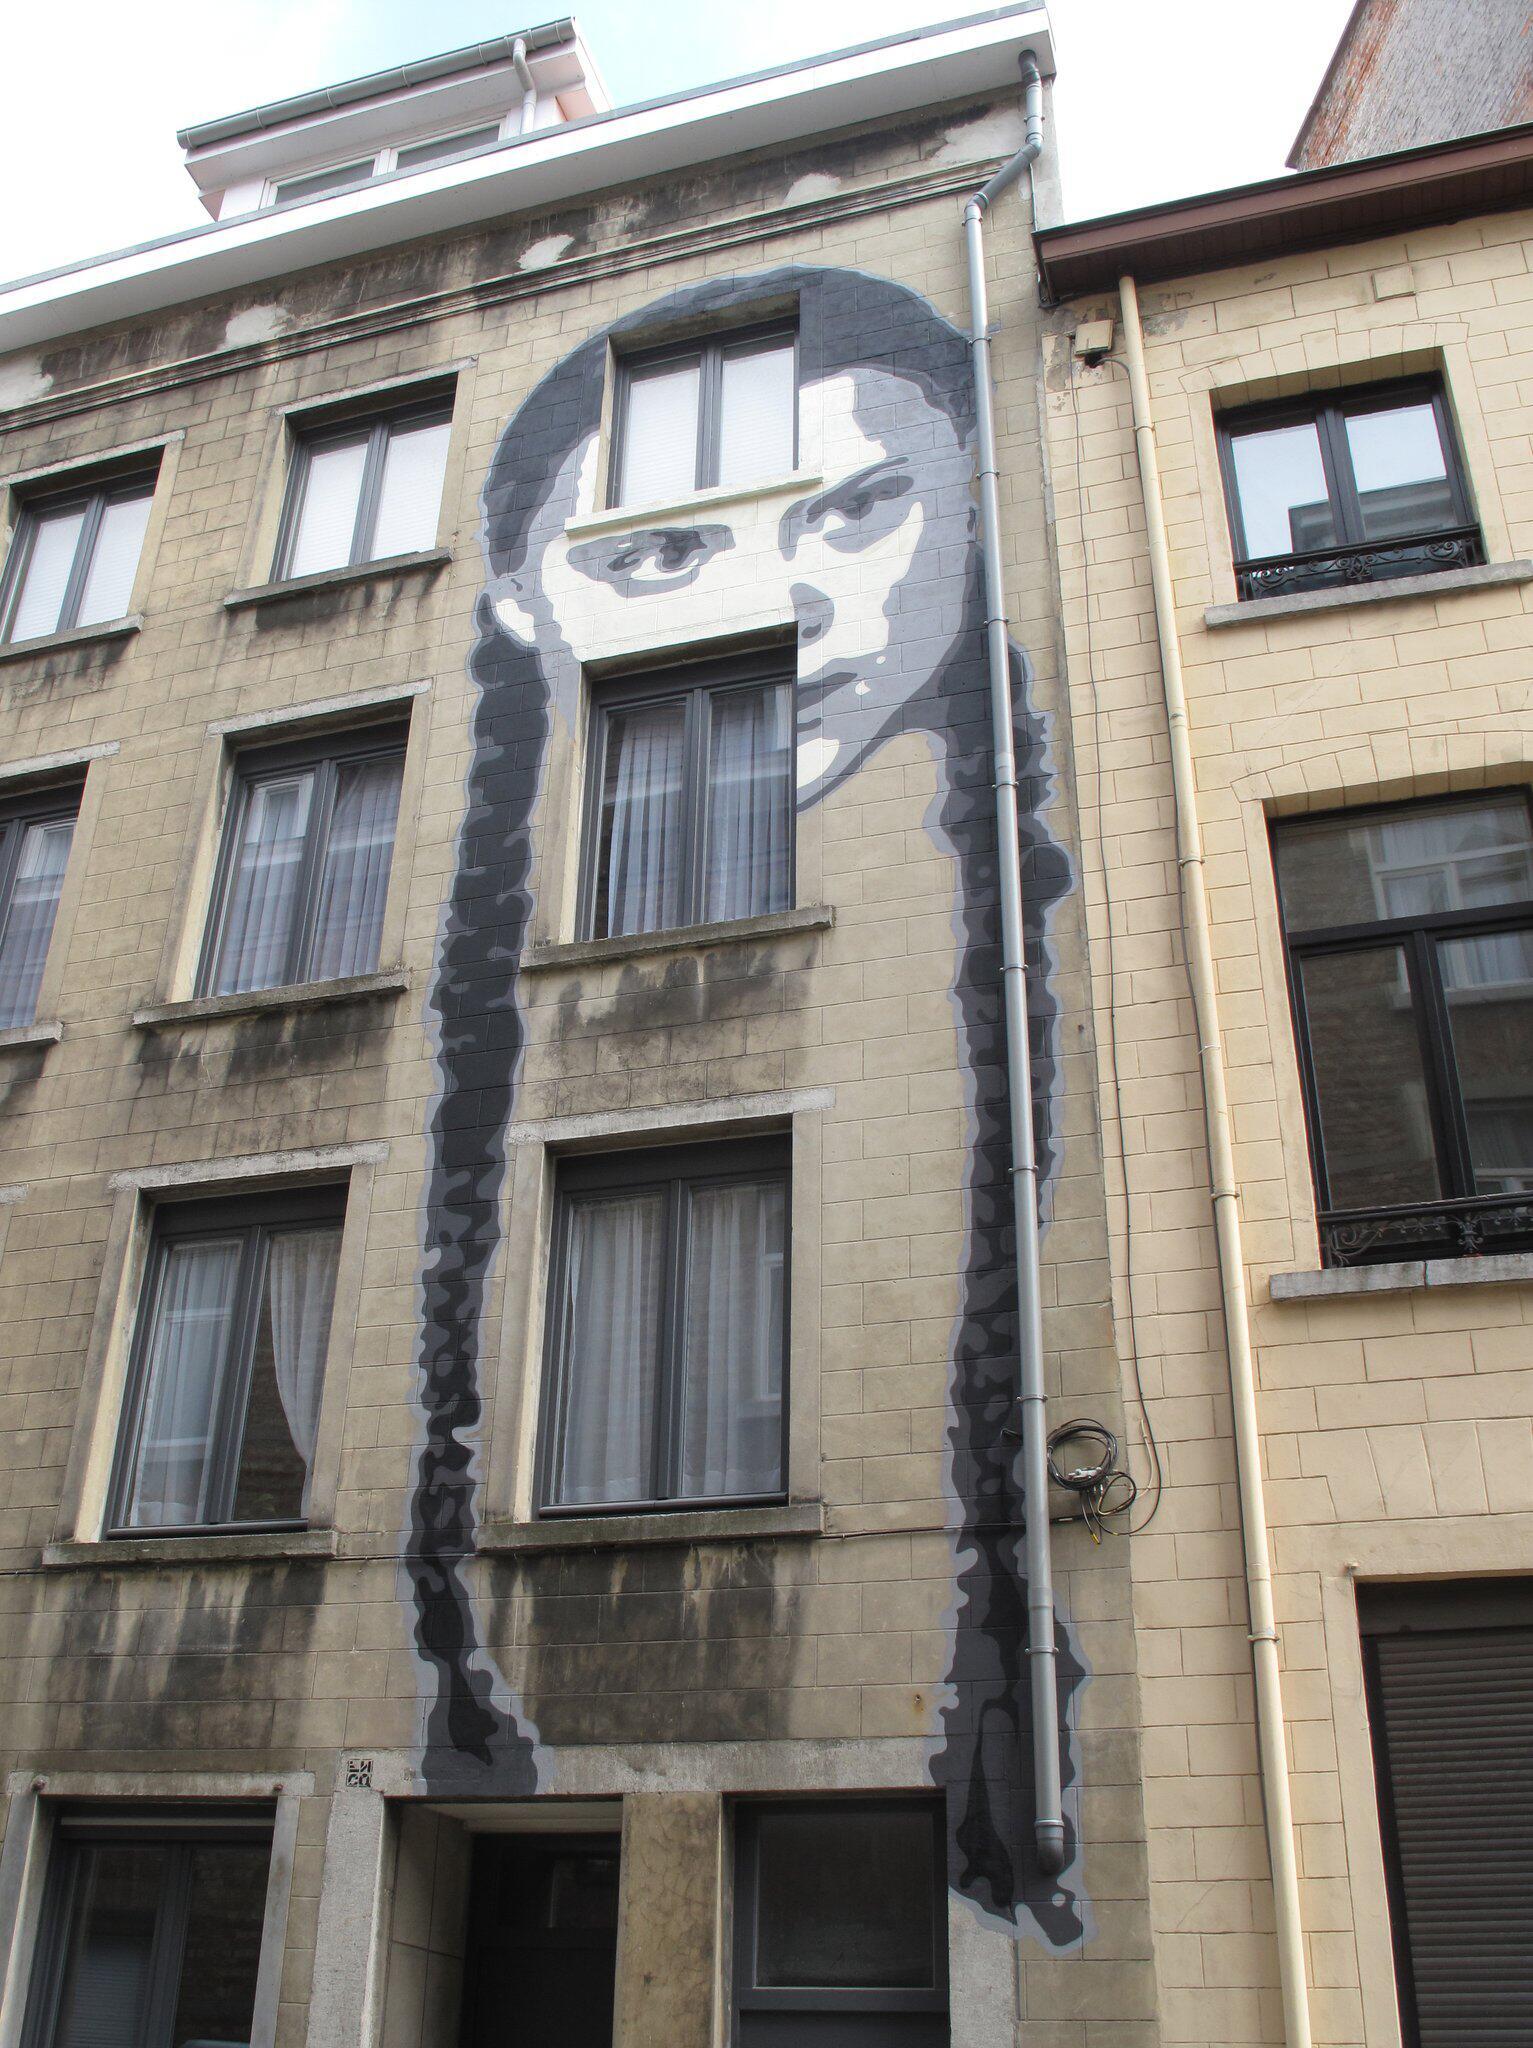 Bild zu Greta Thunberg Graffiti in Brussels